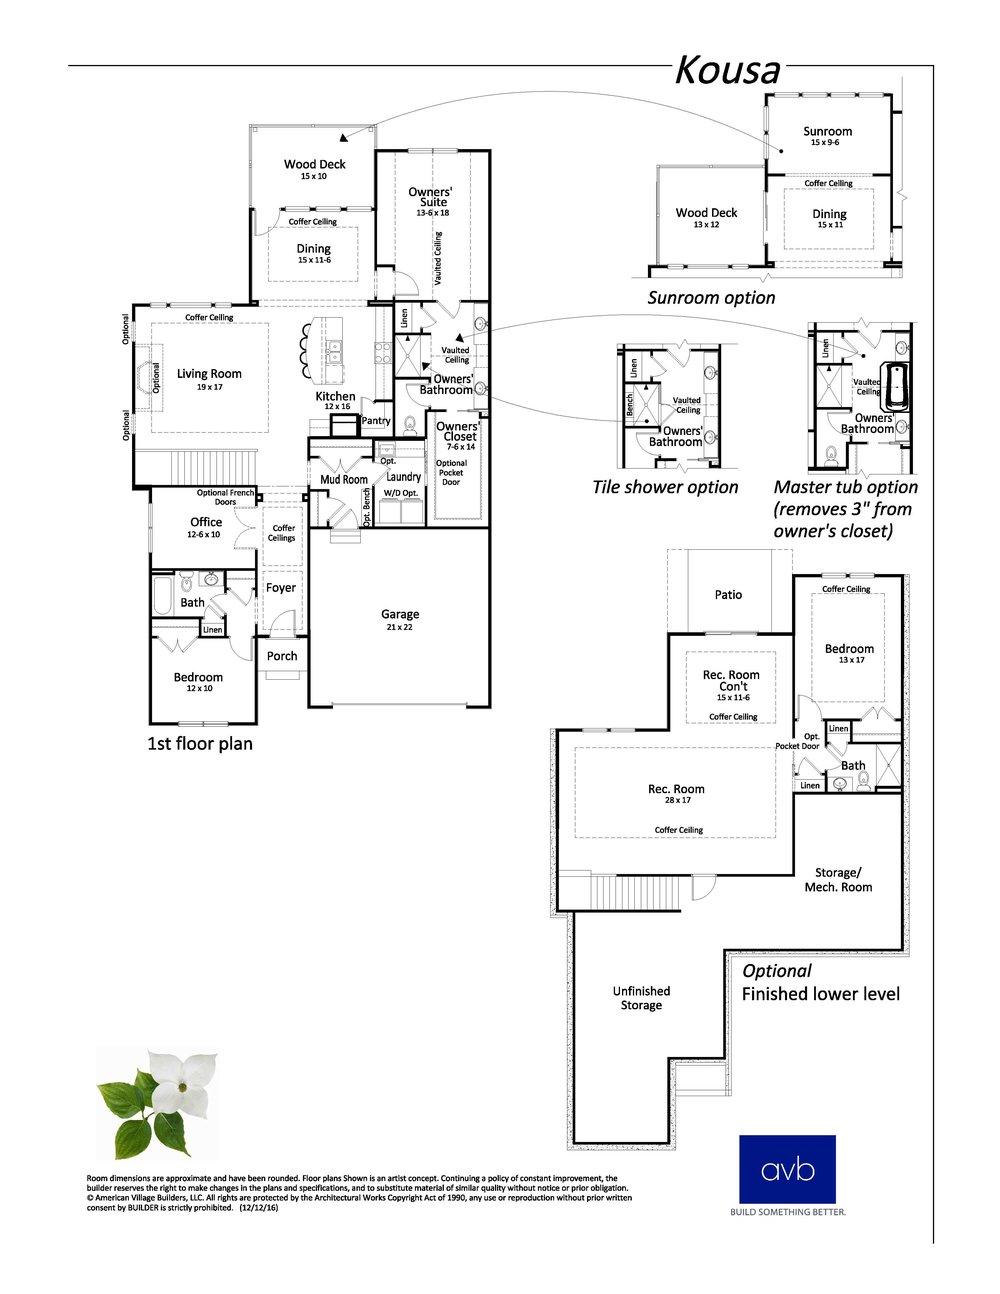 Kousa floor plan